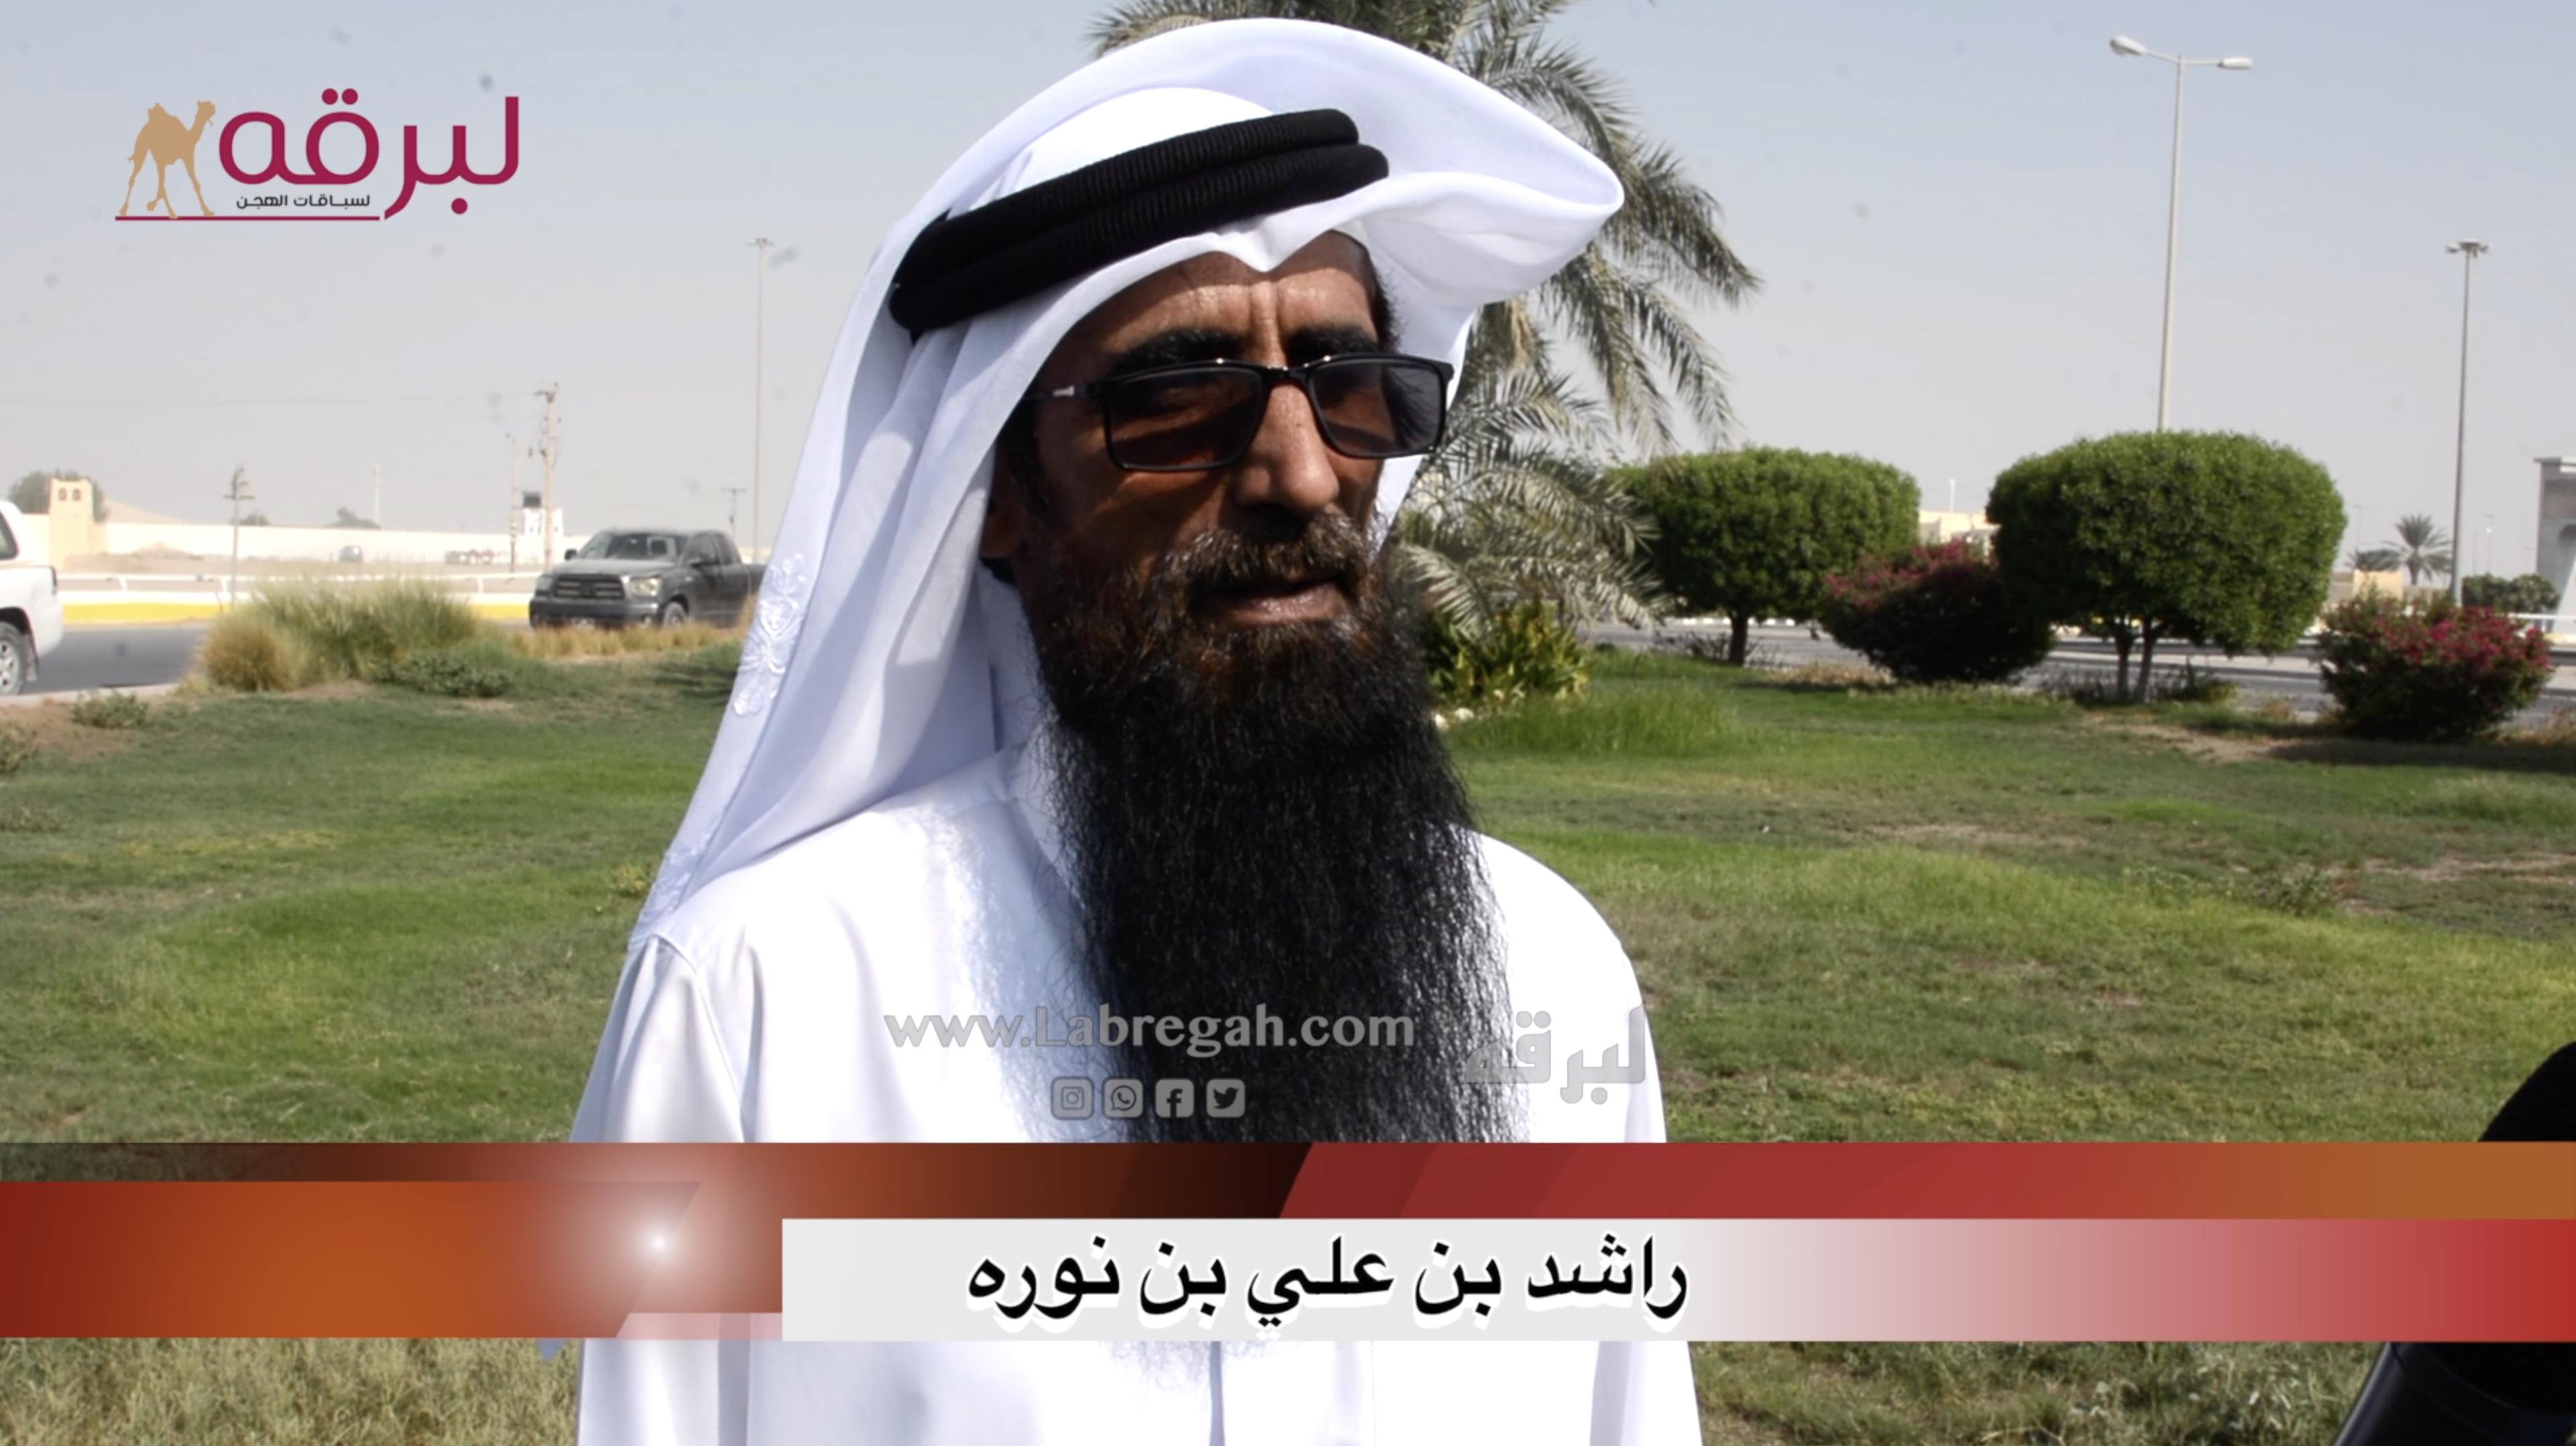 لقاء مع راشد بن علي بن نوره.. الشوط الرئيسي للزمول إنتاج صباح ١٣-٩-٢٠٢٠